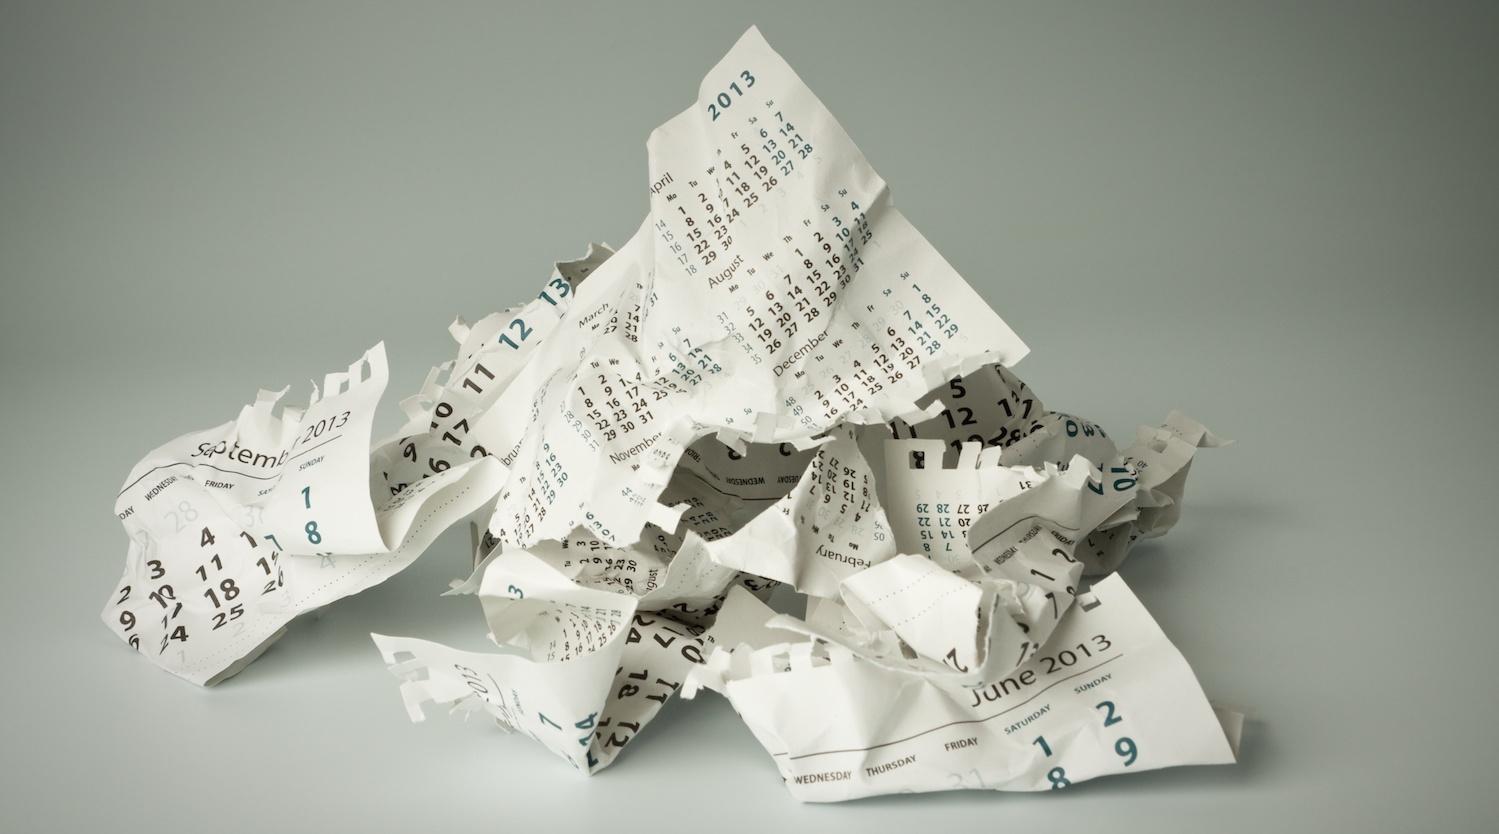 calendar-based rebalancing and cost-benefit rebalancing